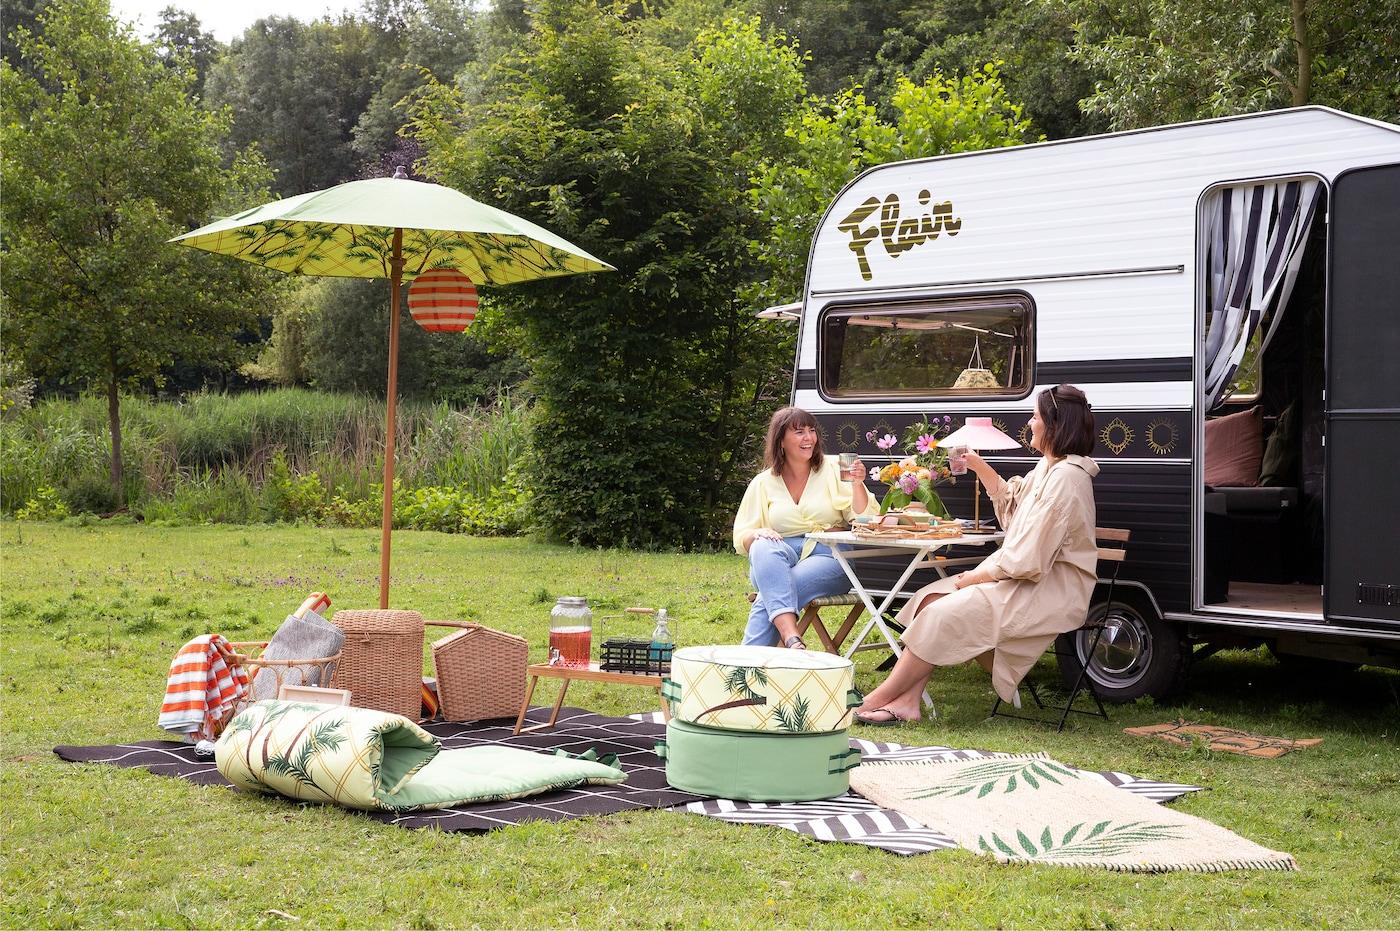 deux dames sur une terrasse devant une caravane dans la nature